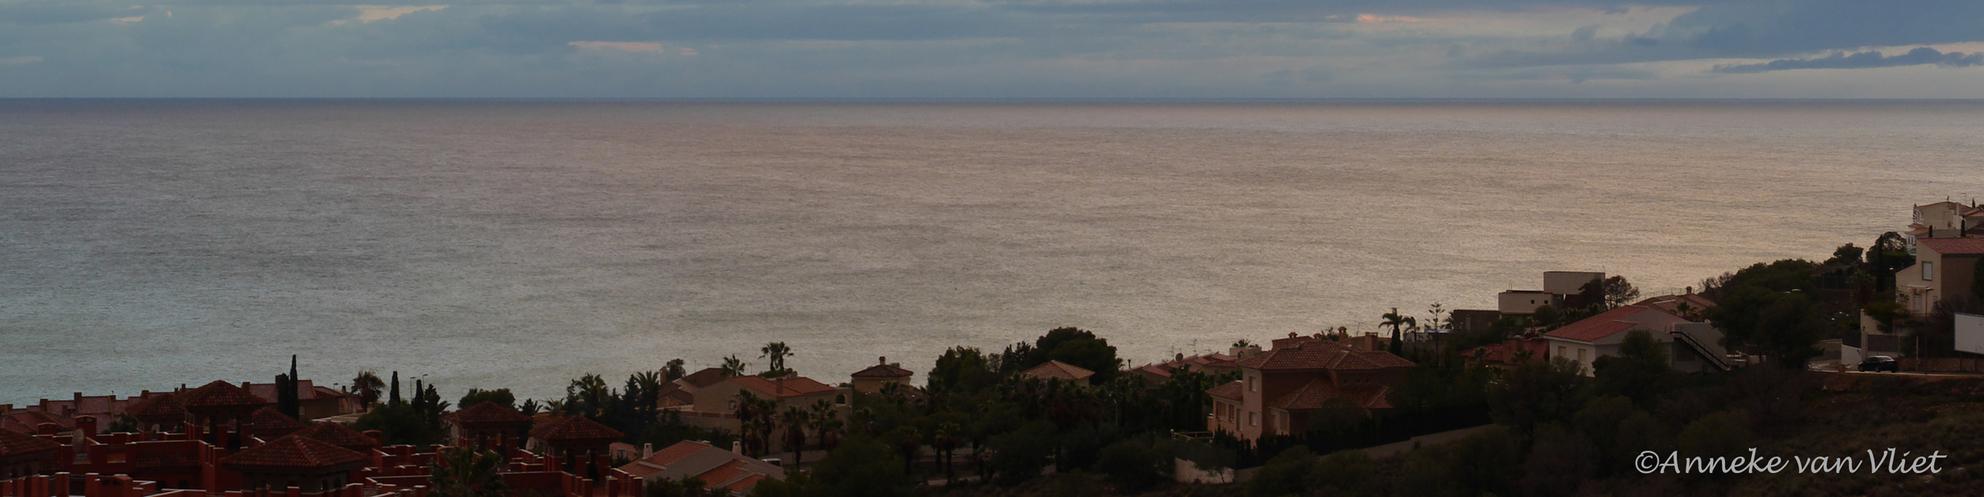 Zand - Na 2 dagen regen, die nog steeds niet ten einde is vind je overal op ondergelopen wegen of waar dan ook, zand heel veel zand. Dus ook in zee. Het zan - foto door AnnekevanVliet op 18-12-2016